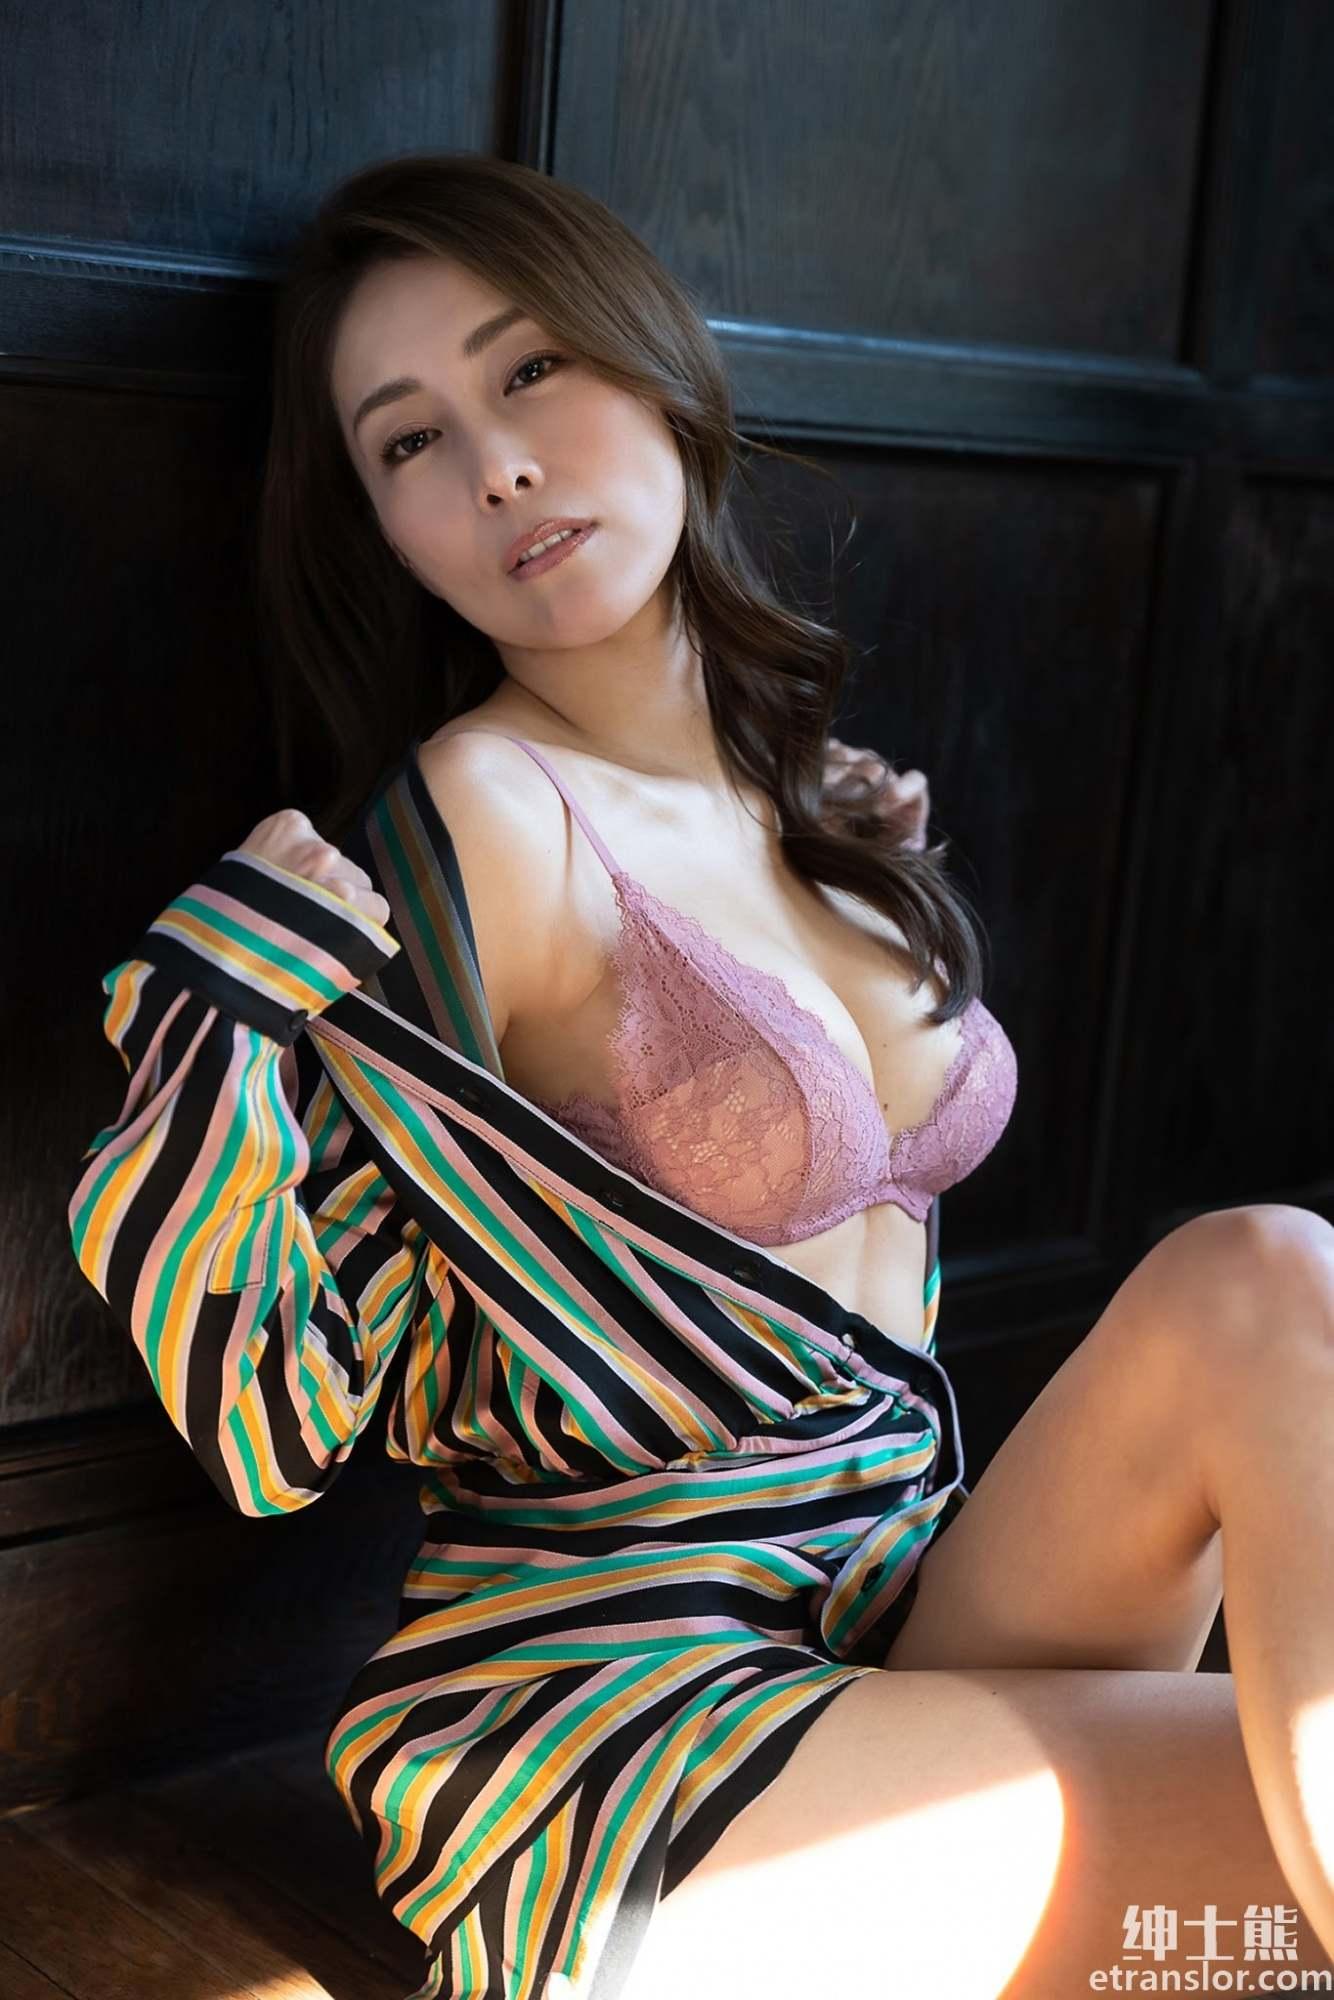 日本写真女星:熊切麻美、塩地美澄、熊田曜子三人组合岁月不改 养眼图片 第9张